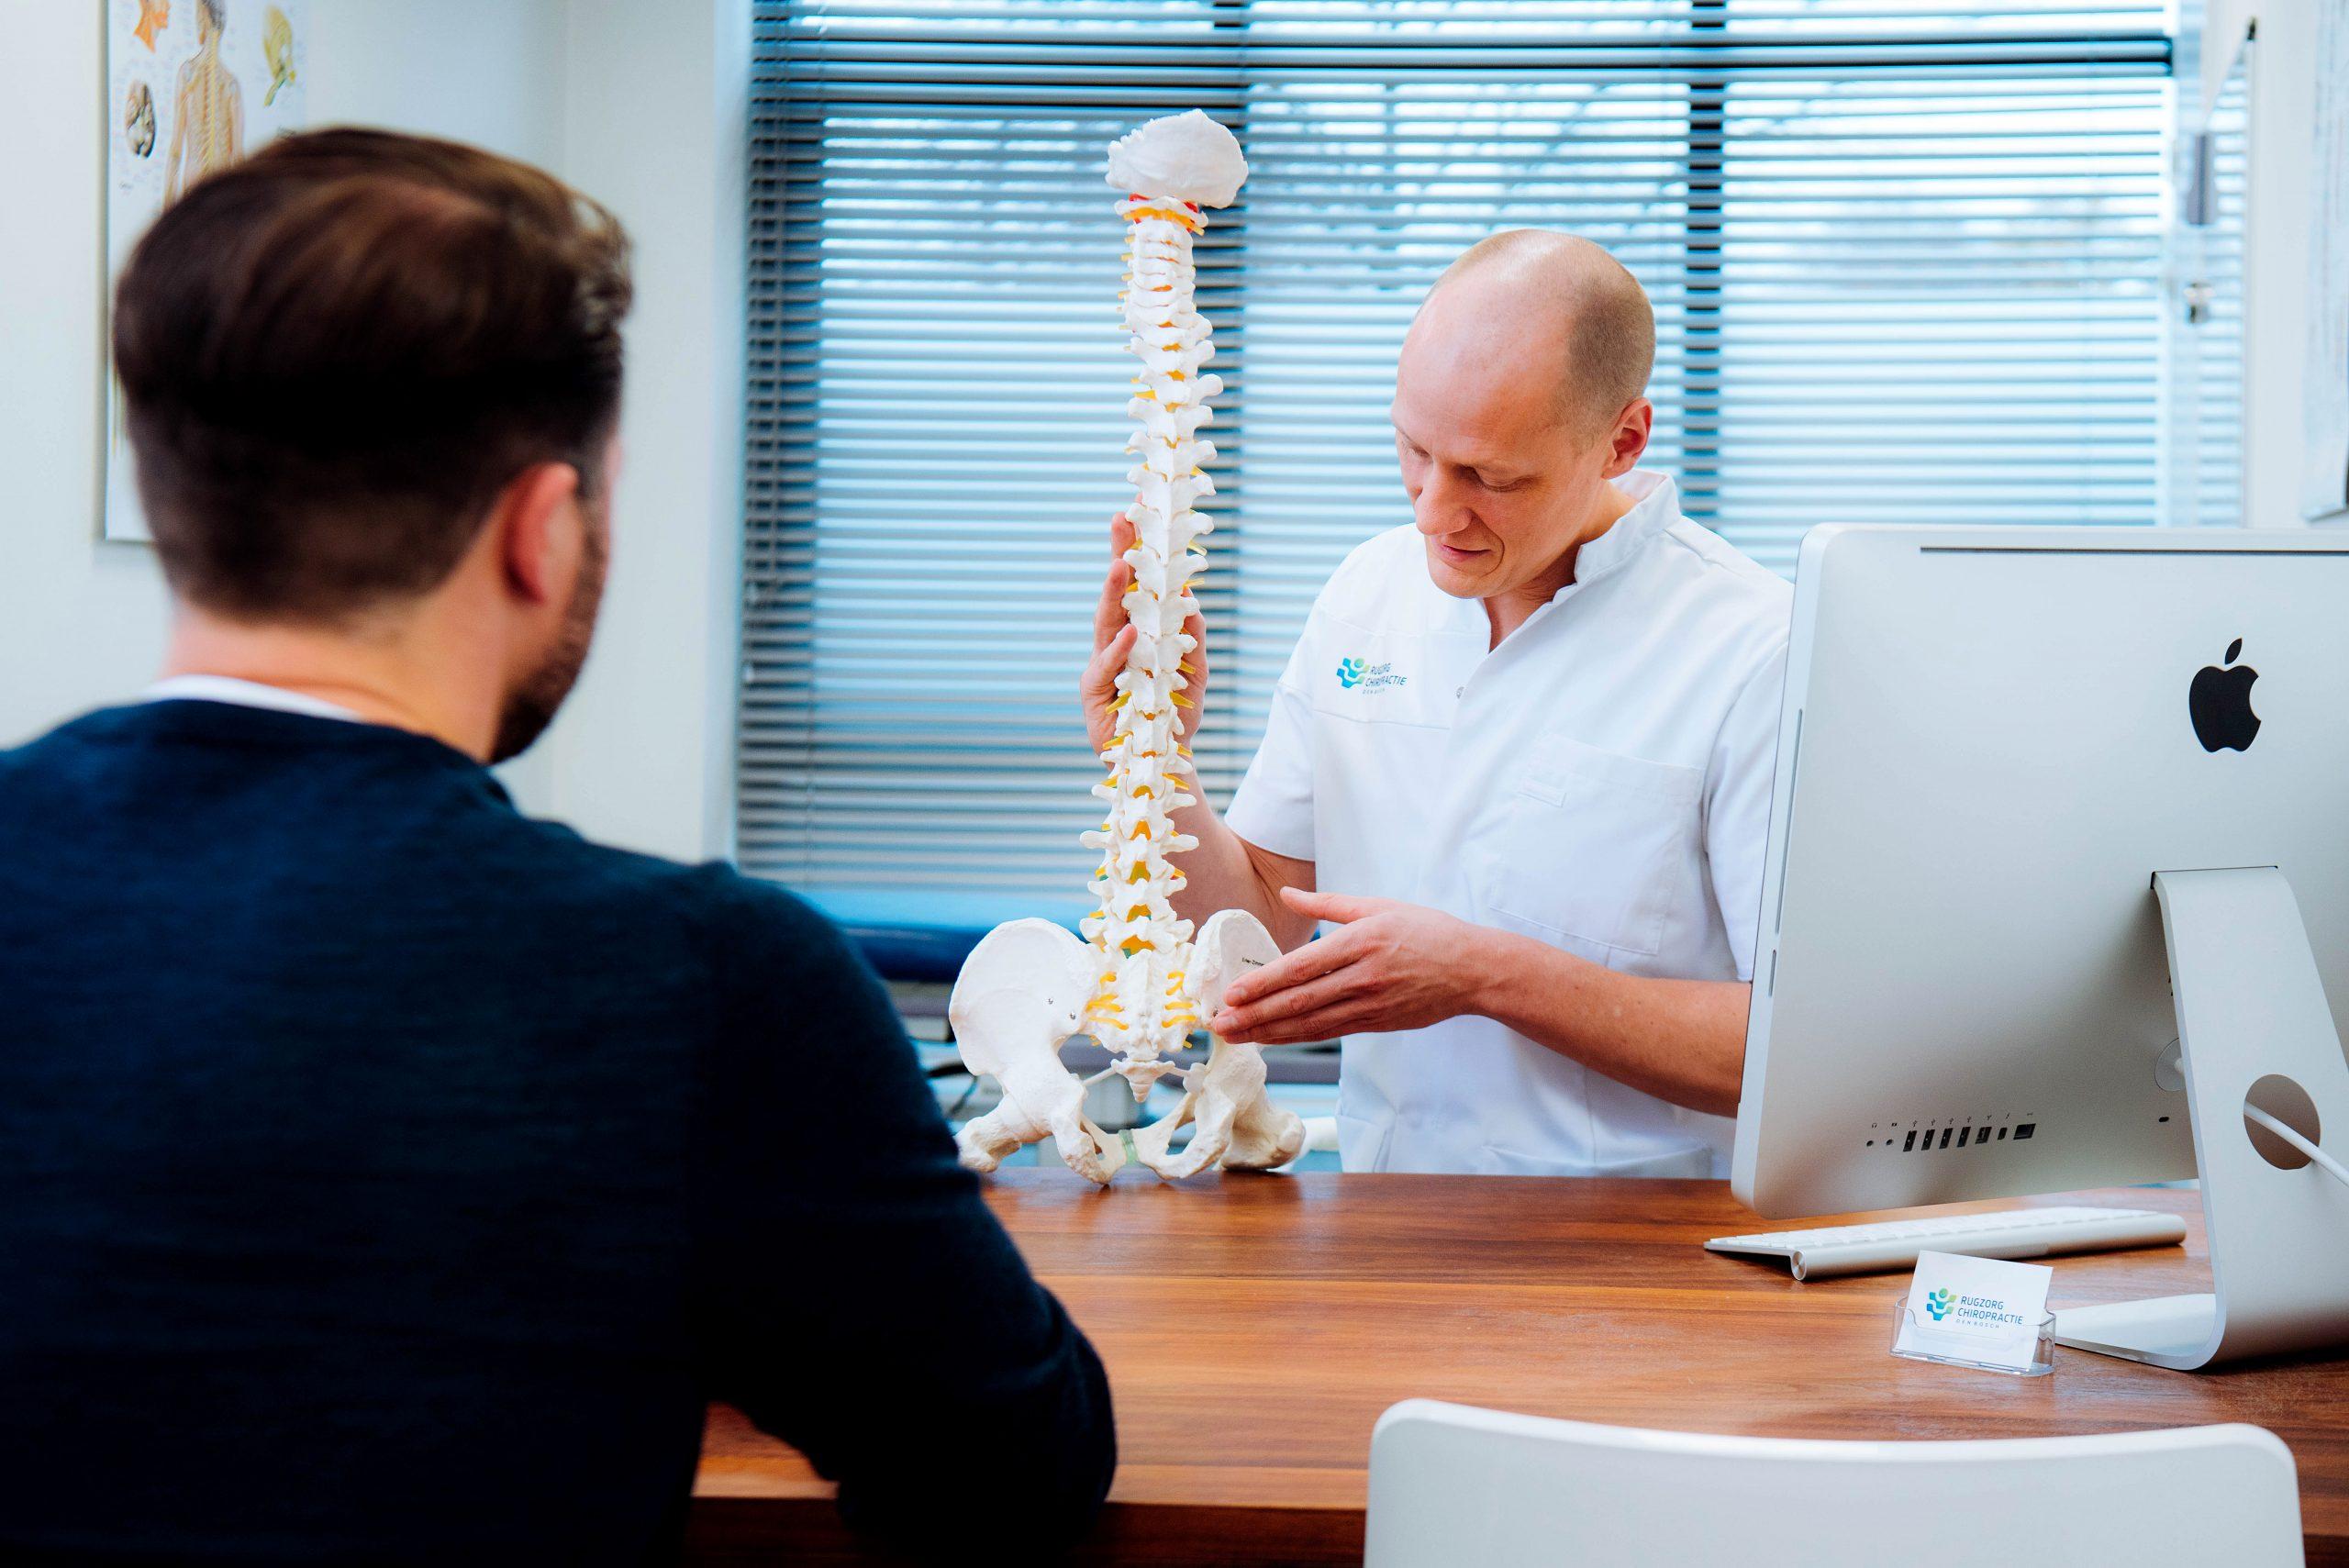 Chiropractor Geeft Uitleg Wervelkolom En Behandeling